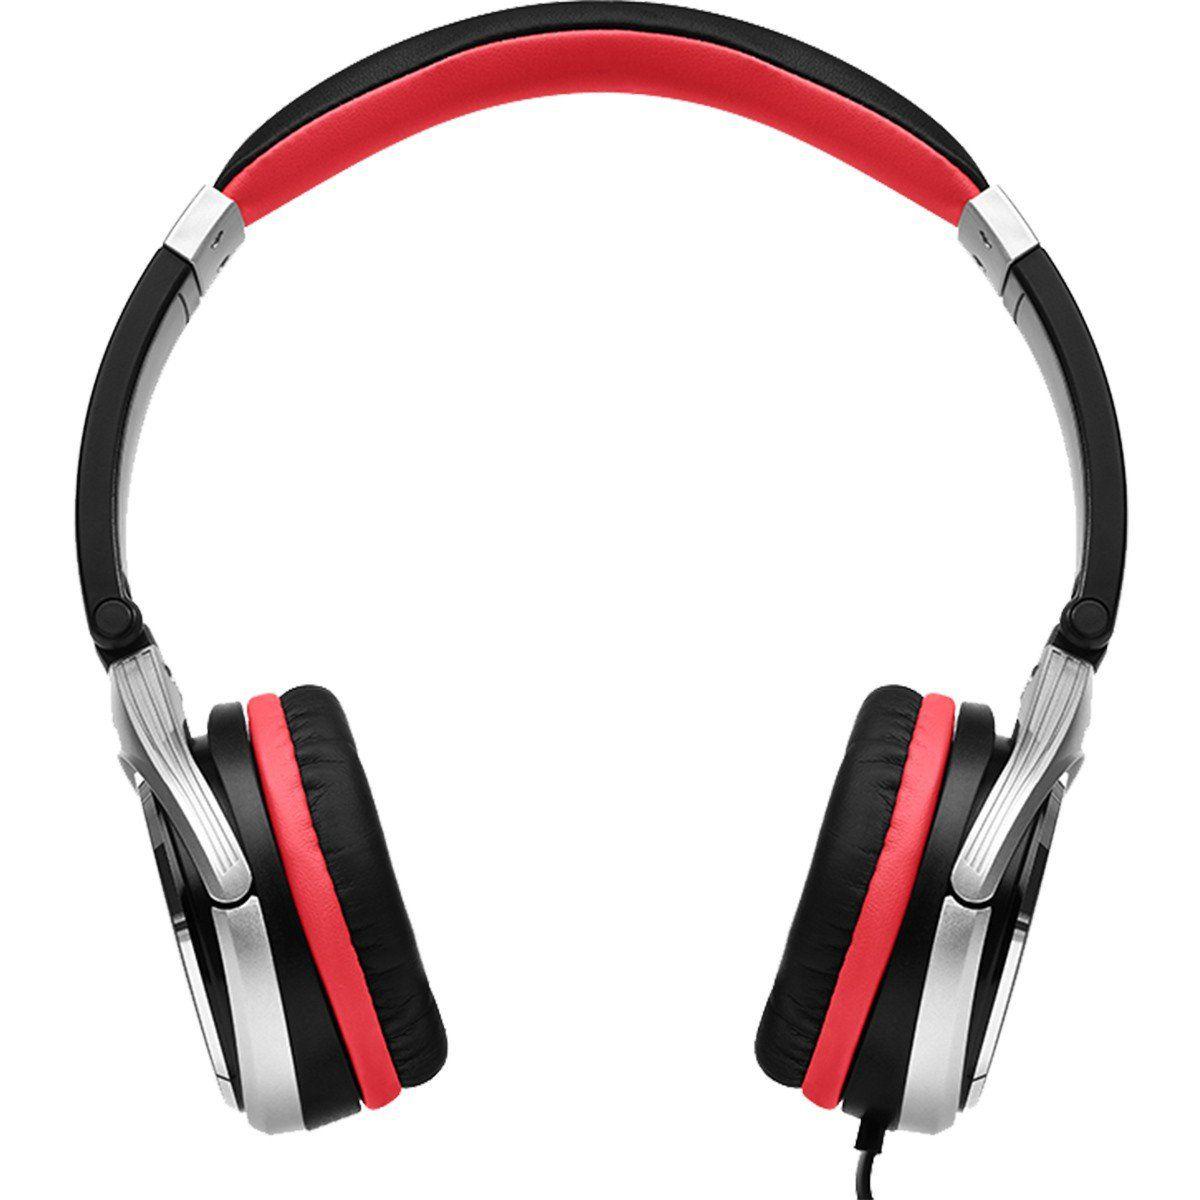 Numark HF-150 Fone de Ouvido HF150 Fechado Profissional Ideal para DJ Driver 40mm